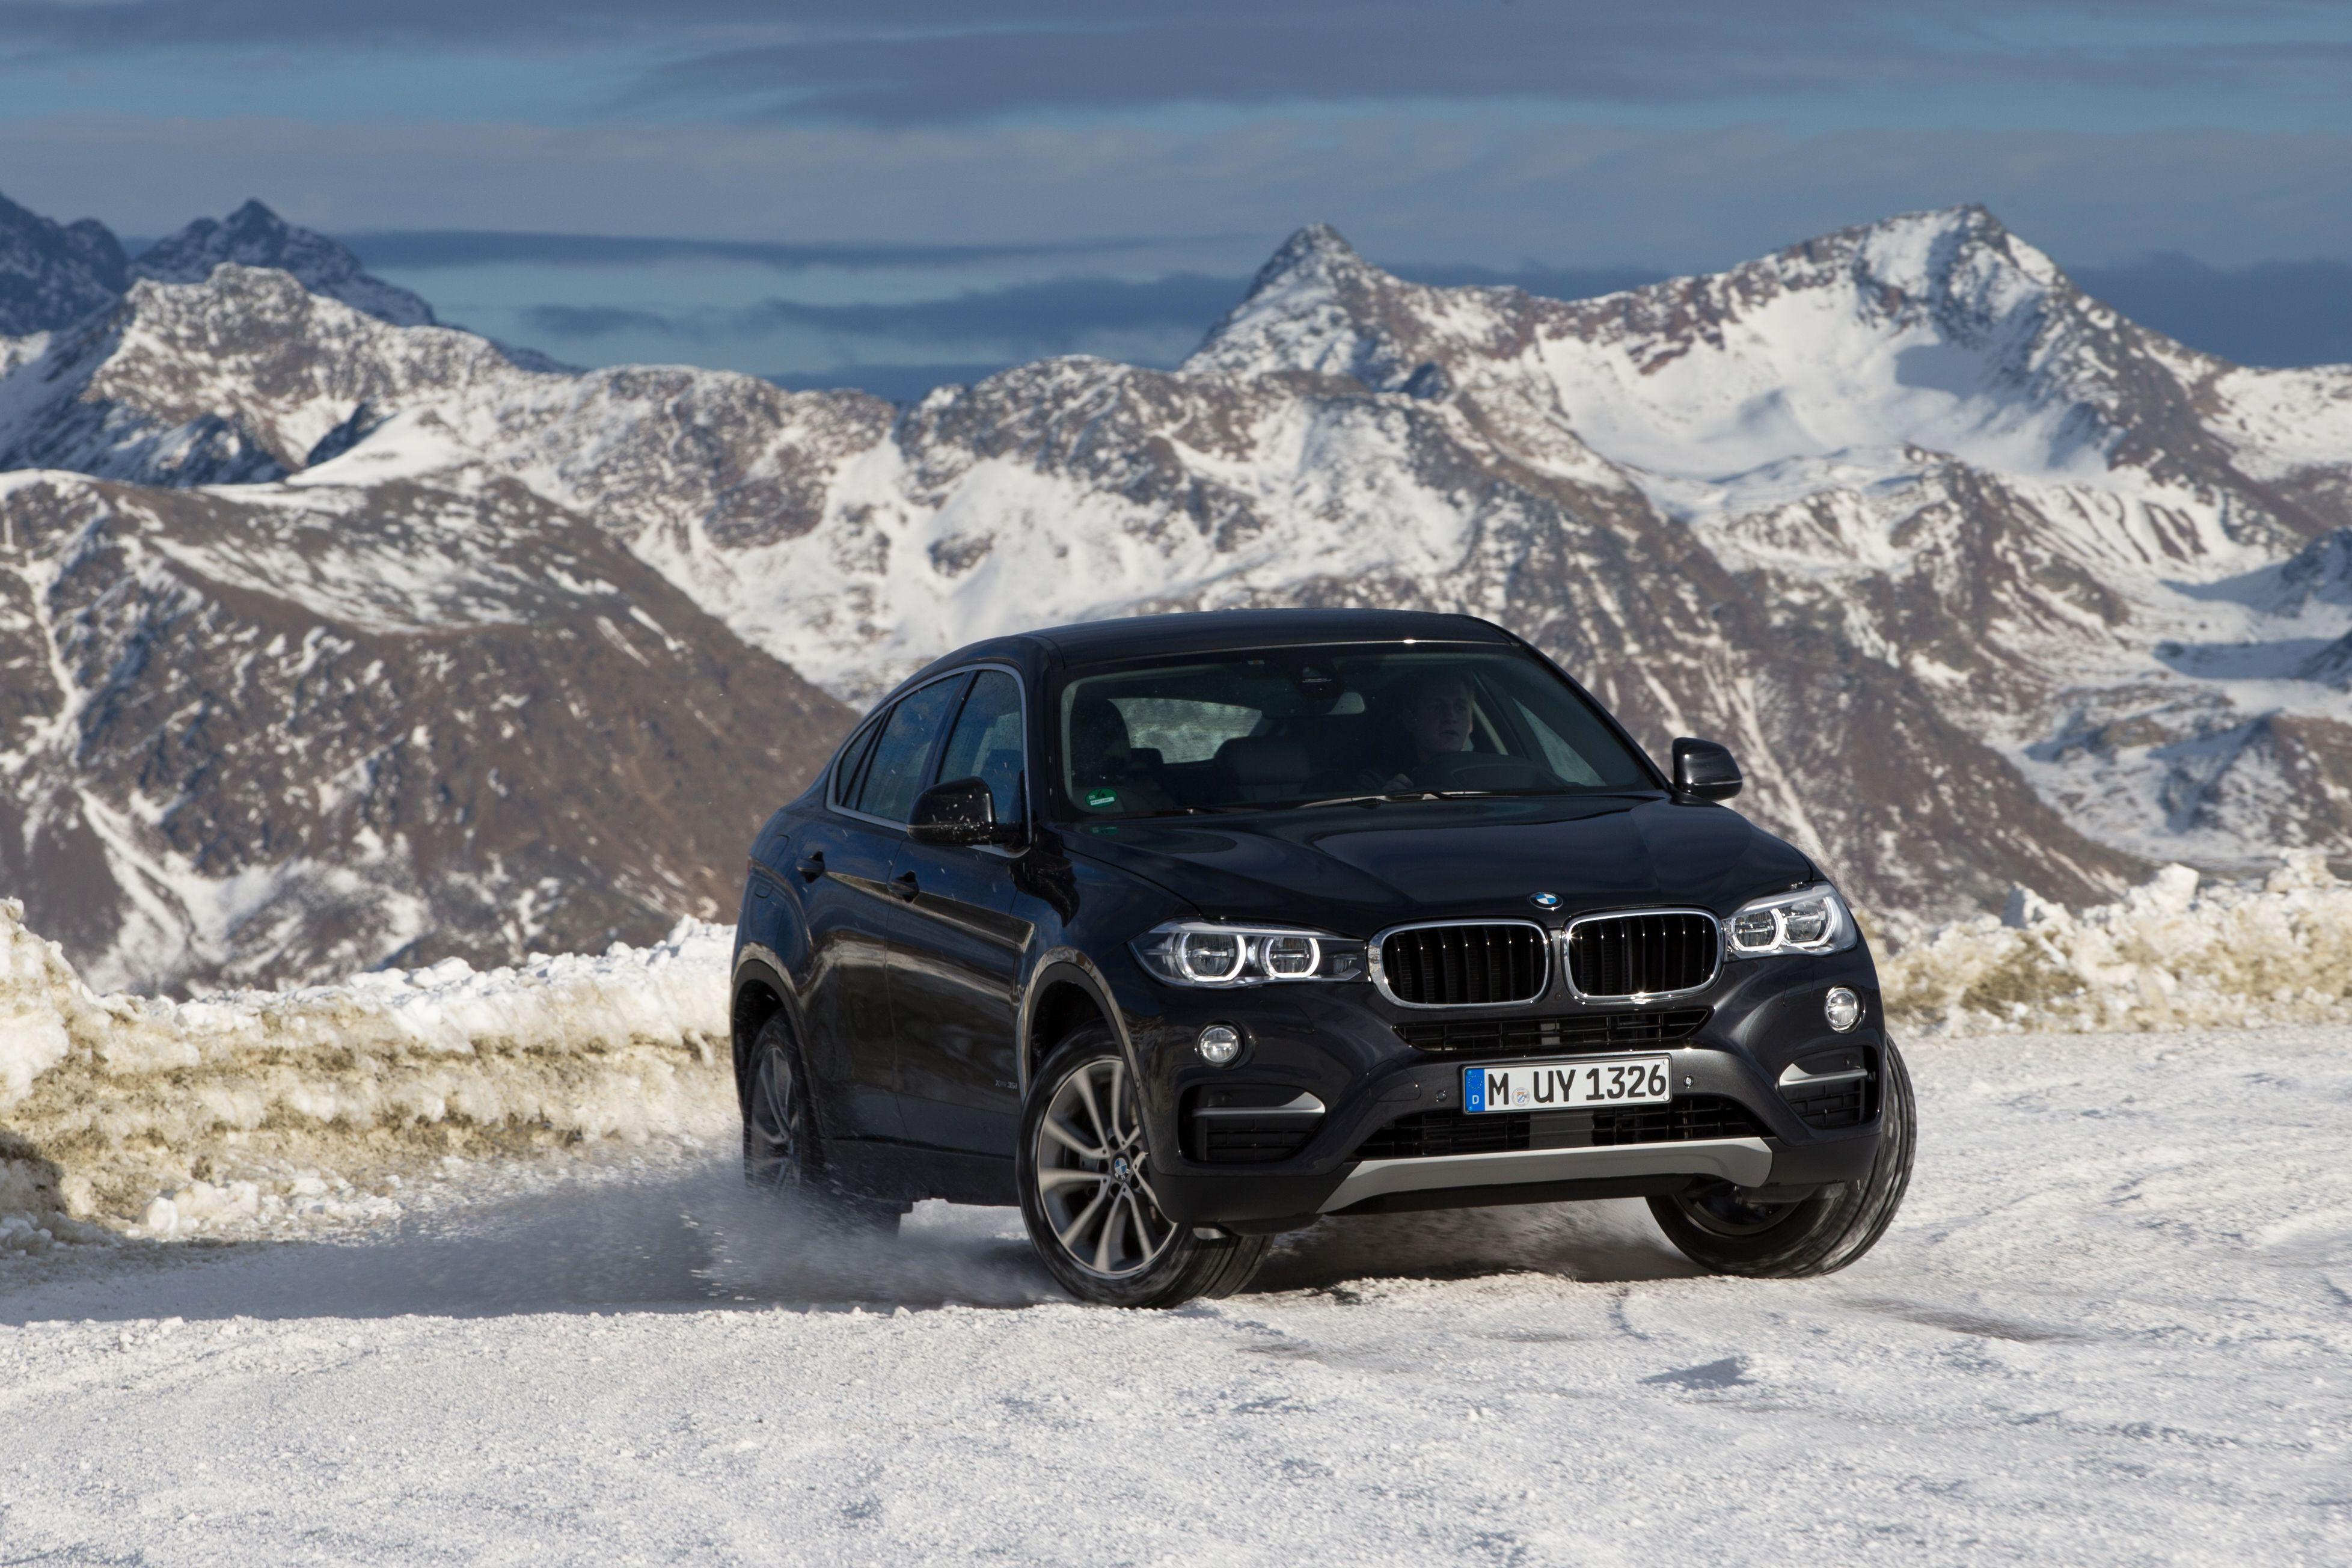 BMW #F16 #X6 #xDrive35i #Snow #Drift